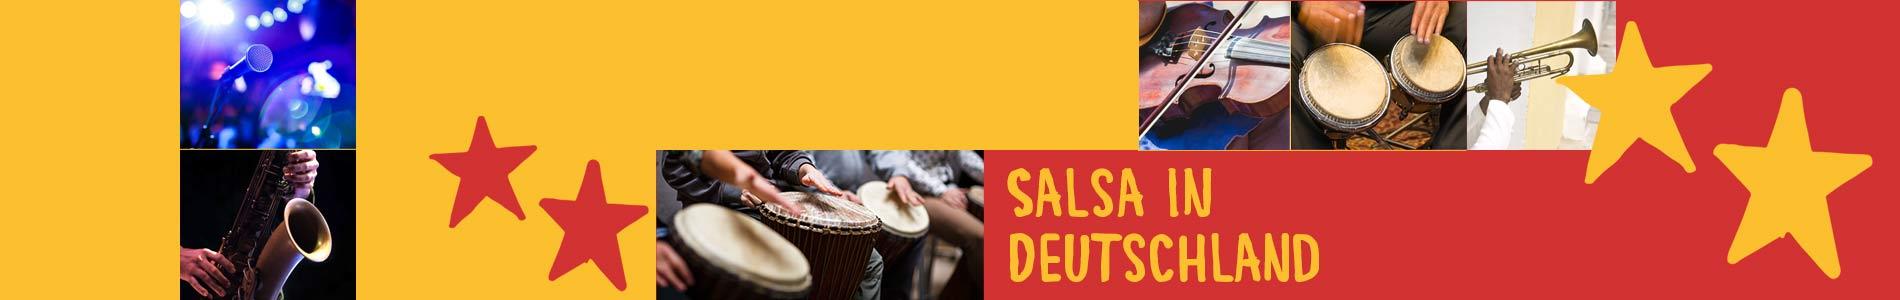 Salsa in Brüssow – Salsa lernen und tanzen, Tanzkurse, Partys, Veranstaltungen